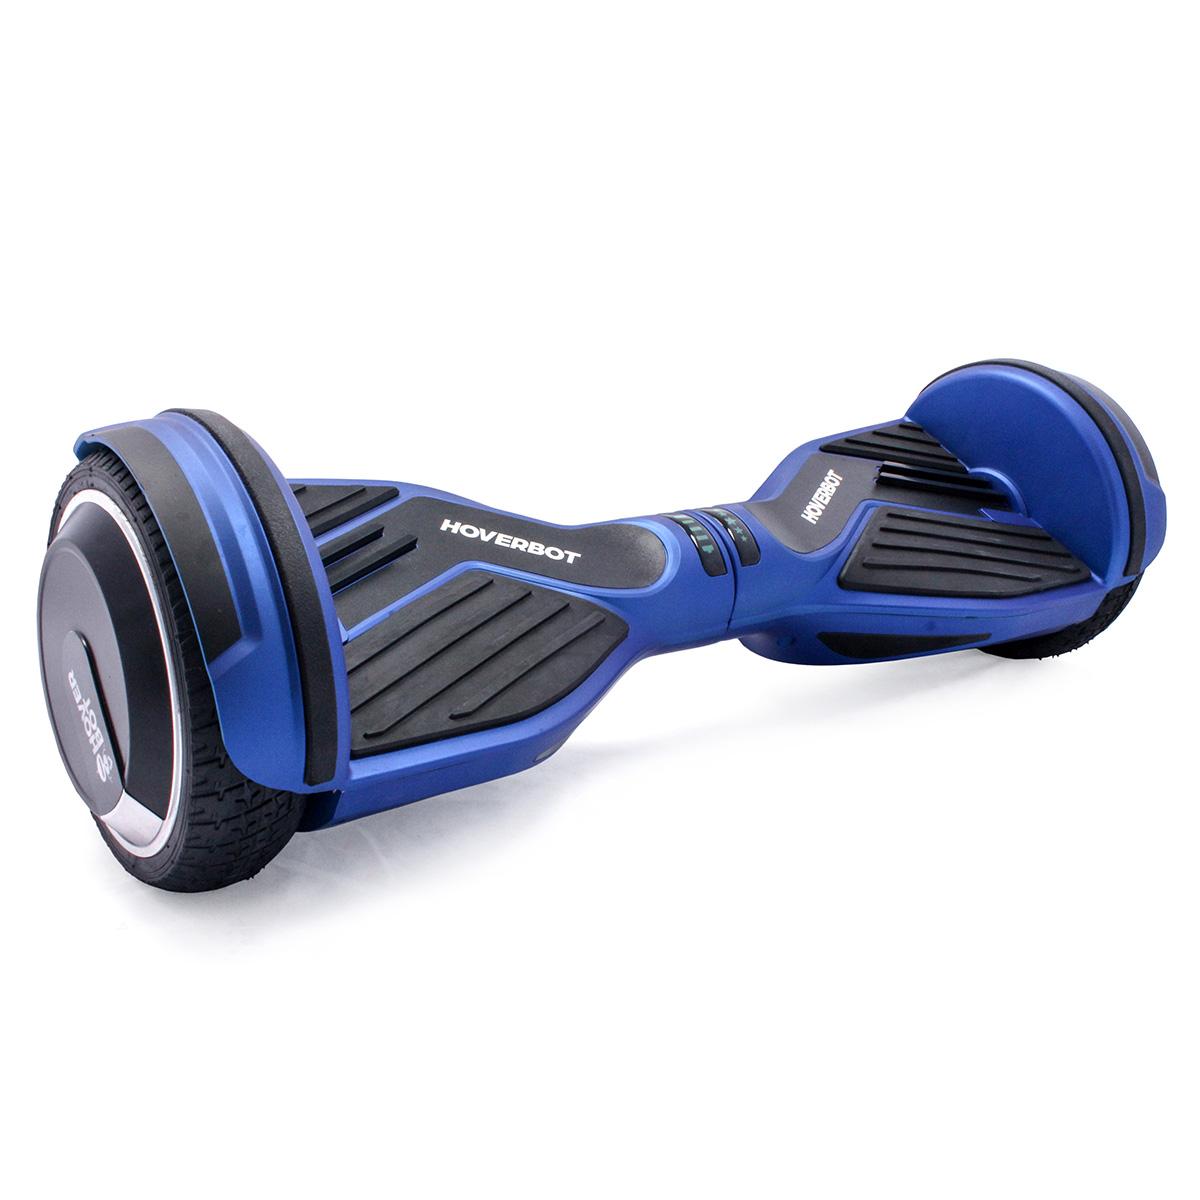 Гироскутер Hoverbot A-6 Premium, цвет: синий матовыйAIRWHEEL Q3-340WH-BLACKГироцикл Hoverbot А6 Premium можно использовать для развлечения, в качестве спортивного снаряда, а также в качестве самого настоящего транспортного средства. Эффективный принцип, заложенный в основу этого устройства, обеспечивает максимальную простоту в эксплуатации и отличную управляемость, ведь встроенный гироскоп реагирует на малейшее движение тела, облегчая управление. Платформы для ног имеют отличное сцепление с обувью. Небольшие фонари спереди устройства осветят мелкие трещины и препятствия на дороге в тёмное время суток, а также сделают вас заметнее для других пешеходов или атомобилистов. Технические характеристики: Возможная дистанция: 15-20 кмМаксимальная скорость: 15 км/чАккумулятор: Lithium 36V 4,4 AHРазмер колеса: 6,5(165мм)Мощность мотора: 2х350WМаксимальная нагрузка: 120 кгВремя заряда/сеть: 120мин/220ВВес нетто: 11Вес брутто: 12,5Влагозащита: IP54Условия эксплуатации: -10°C - 50°C3 режима работы устройства. (Начинающий, стандартный, продвинутый), Bluetooth.Пульт управления. Комплектация: Зарядное устройство, чехол, гарантийный талон, сертификат, инструкция.